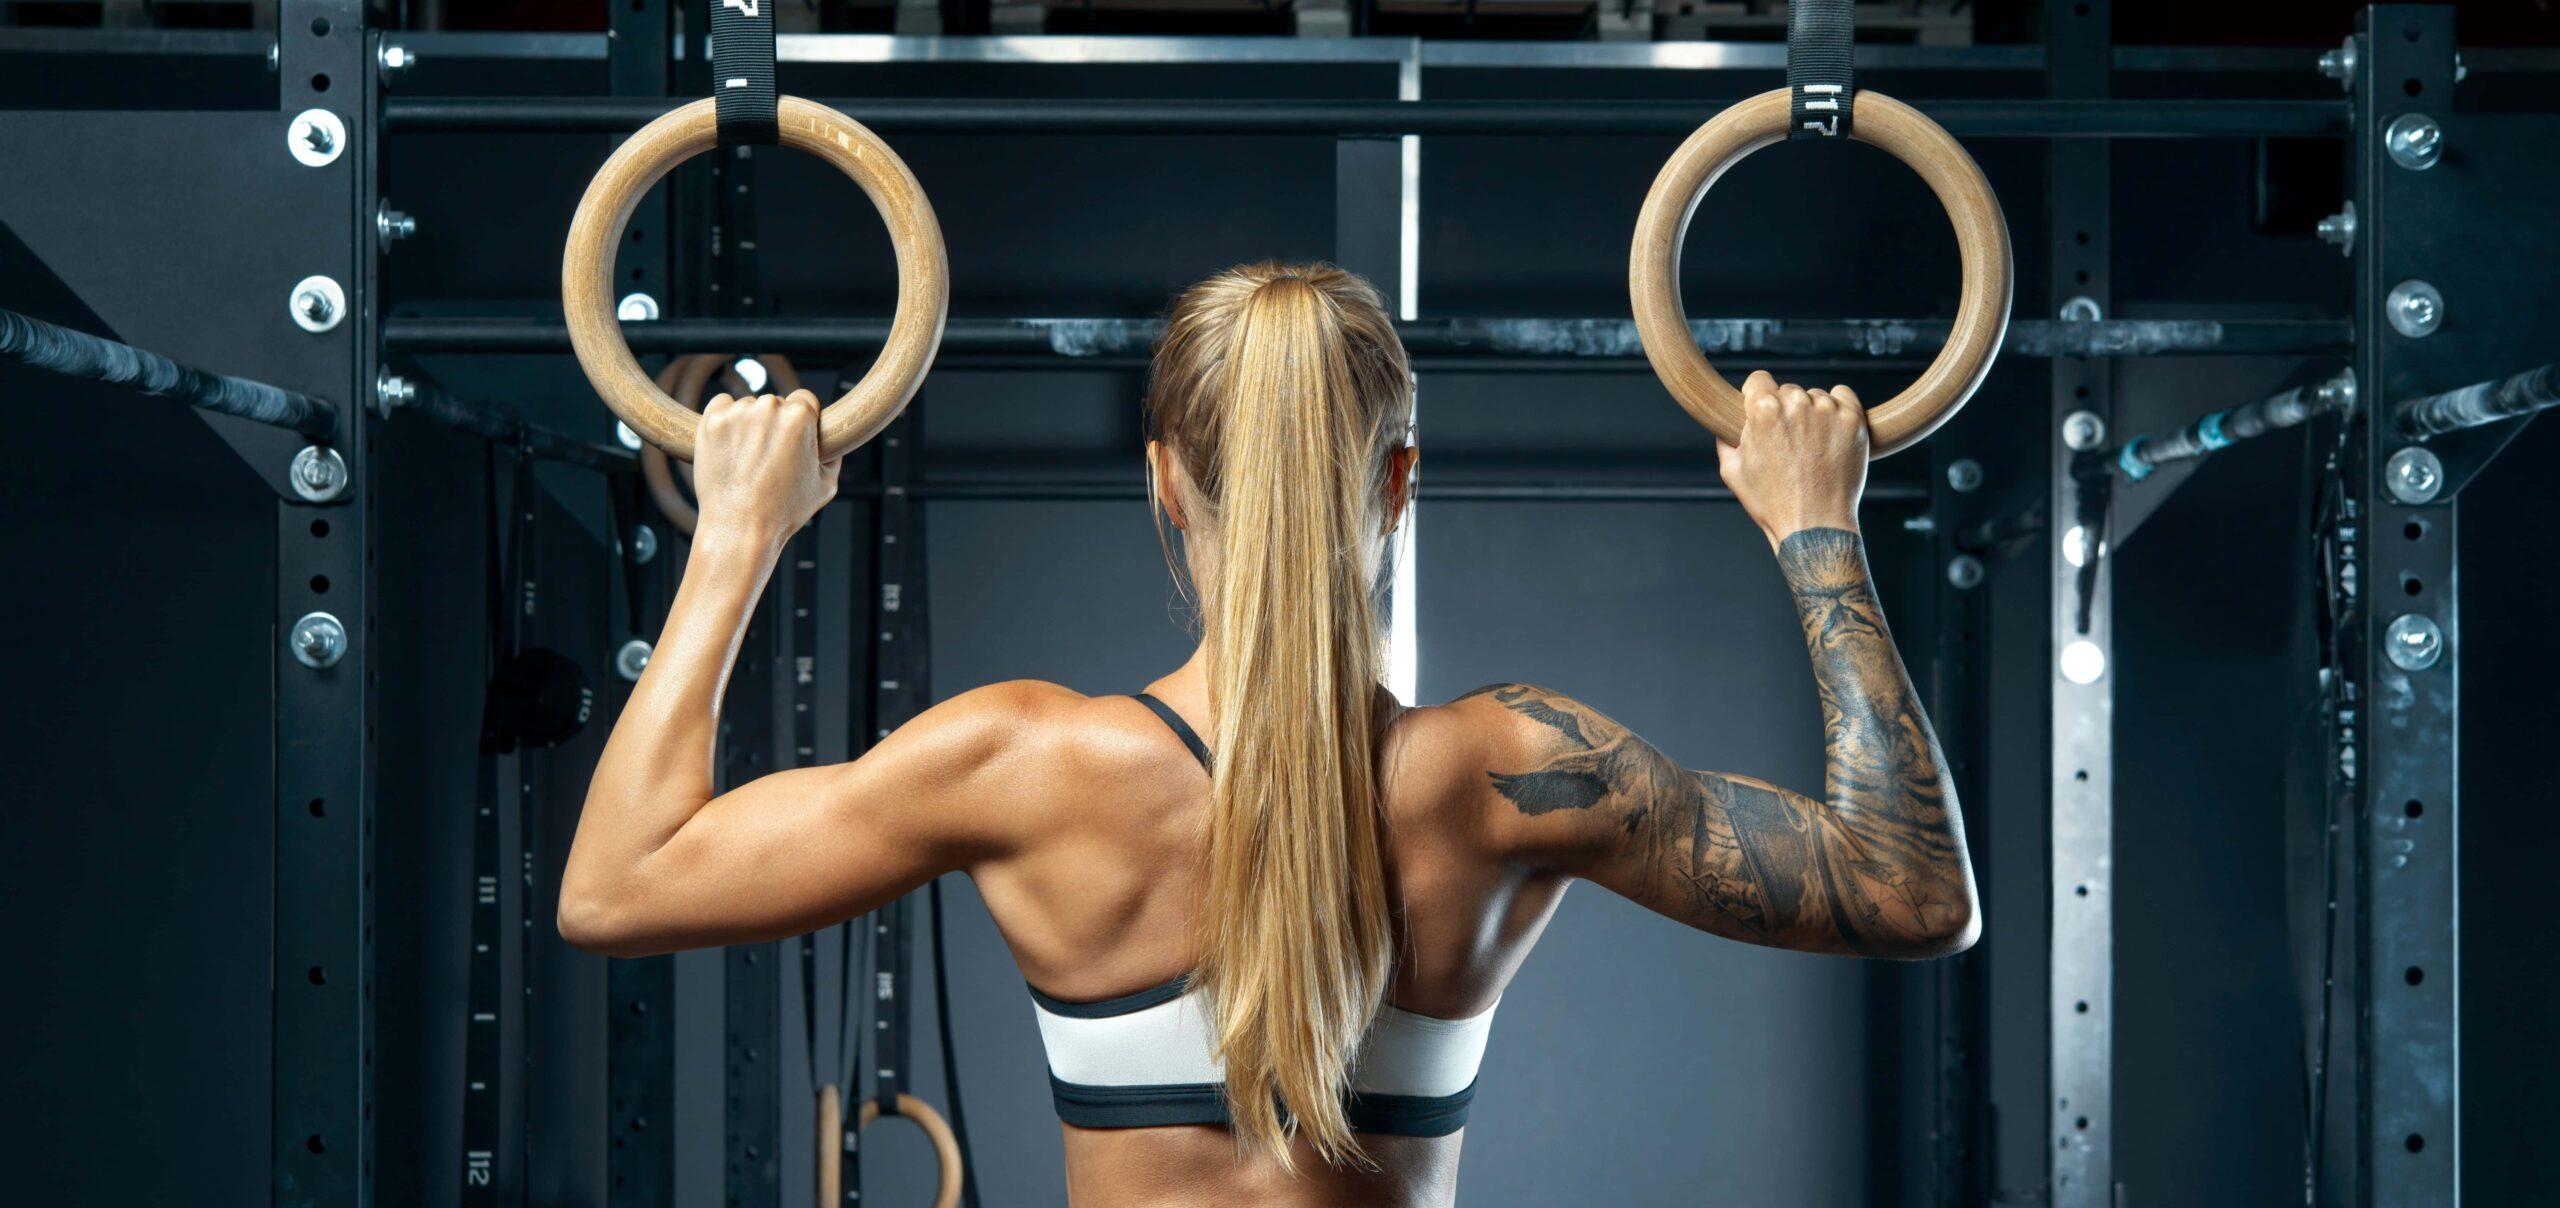 ipertrofia muscolare ed esercizi per la massa muscolare in palestra